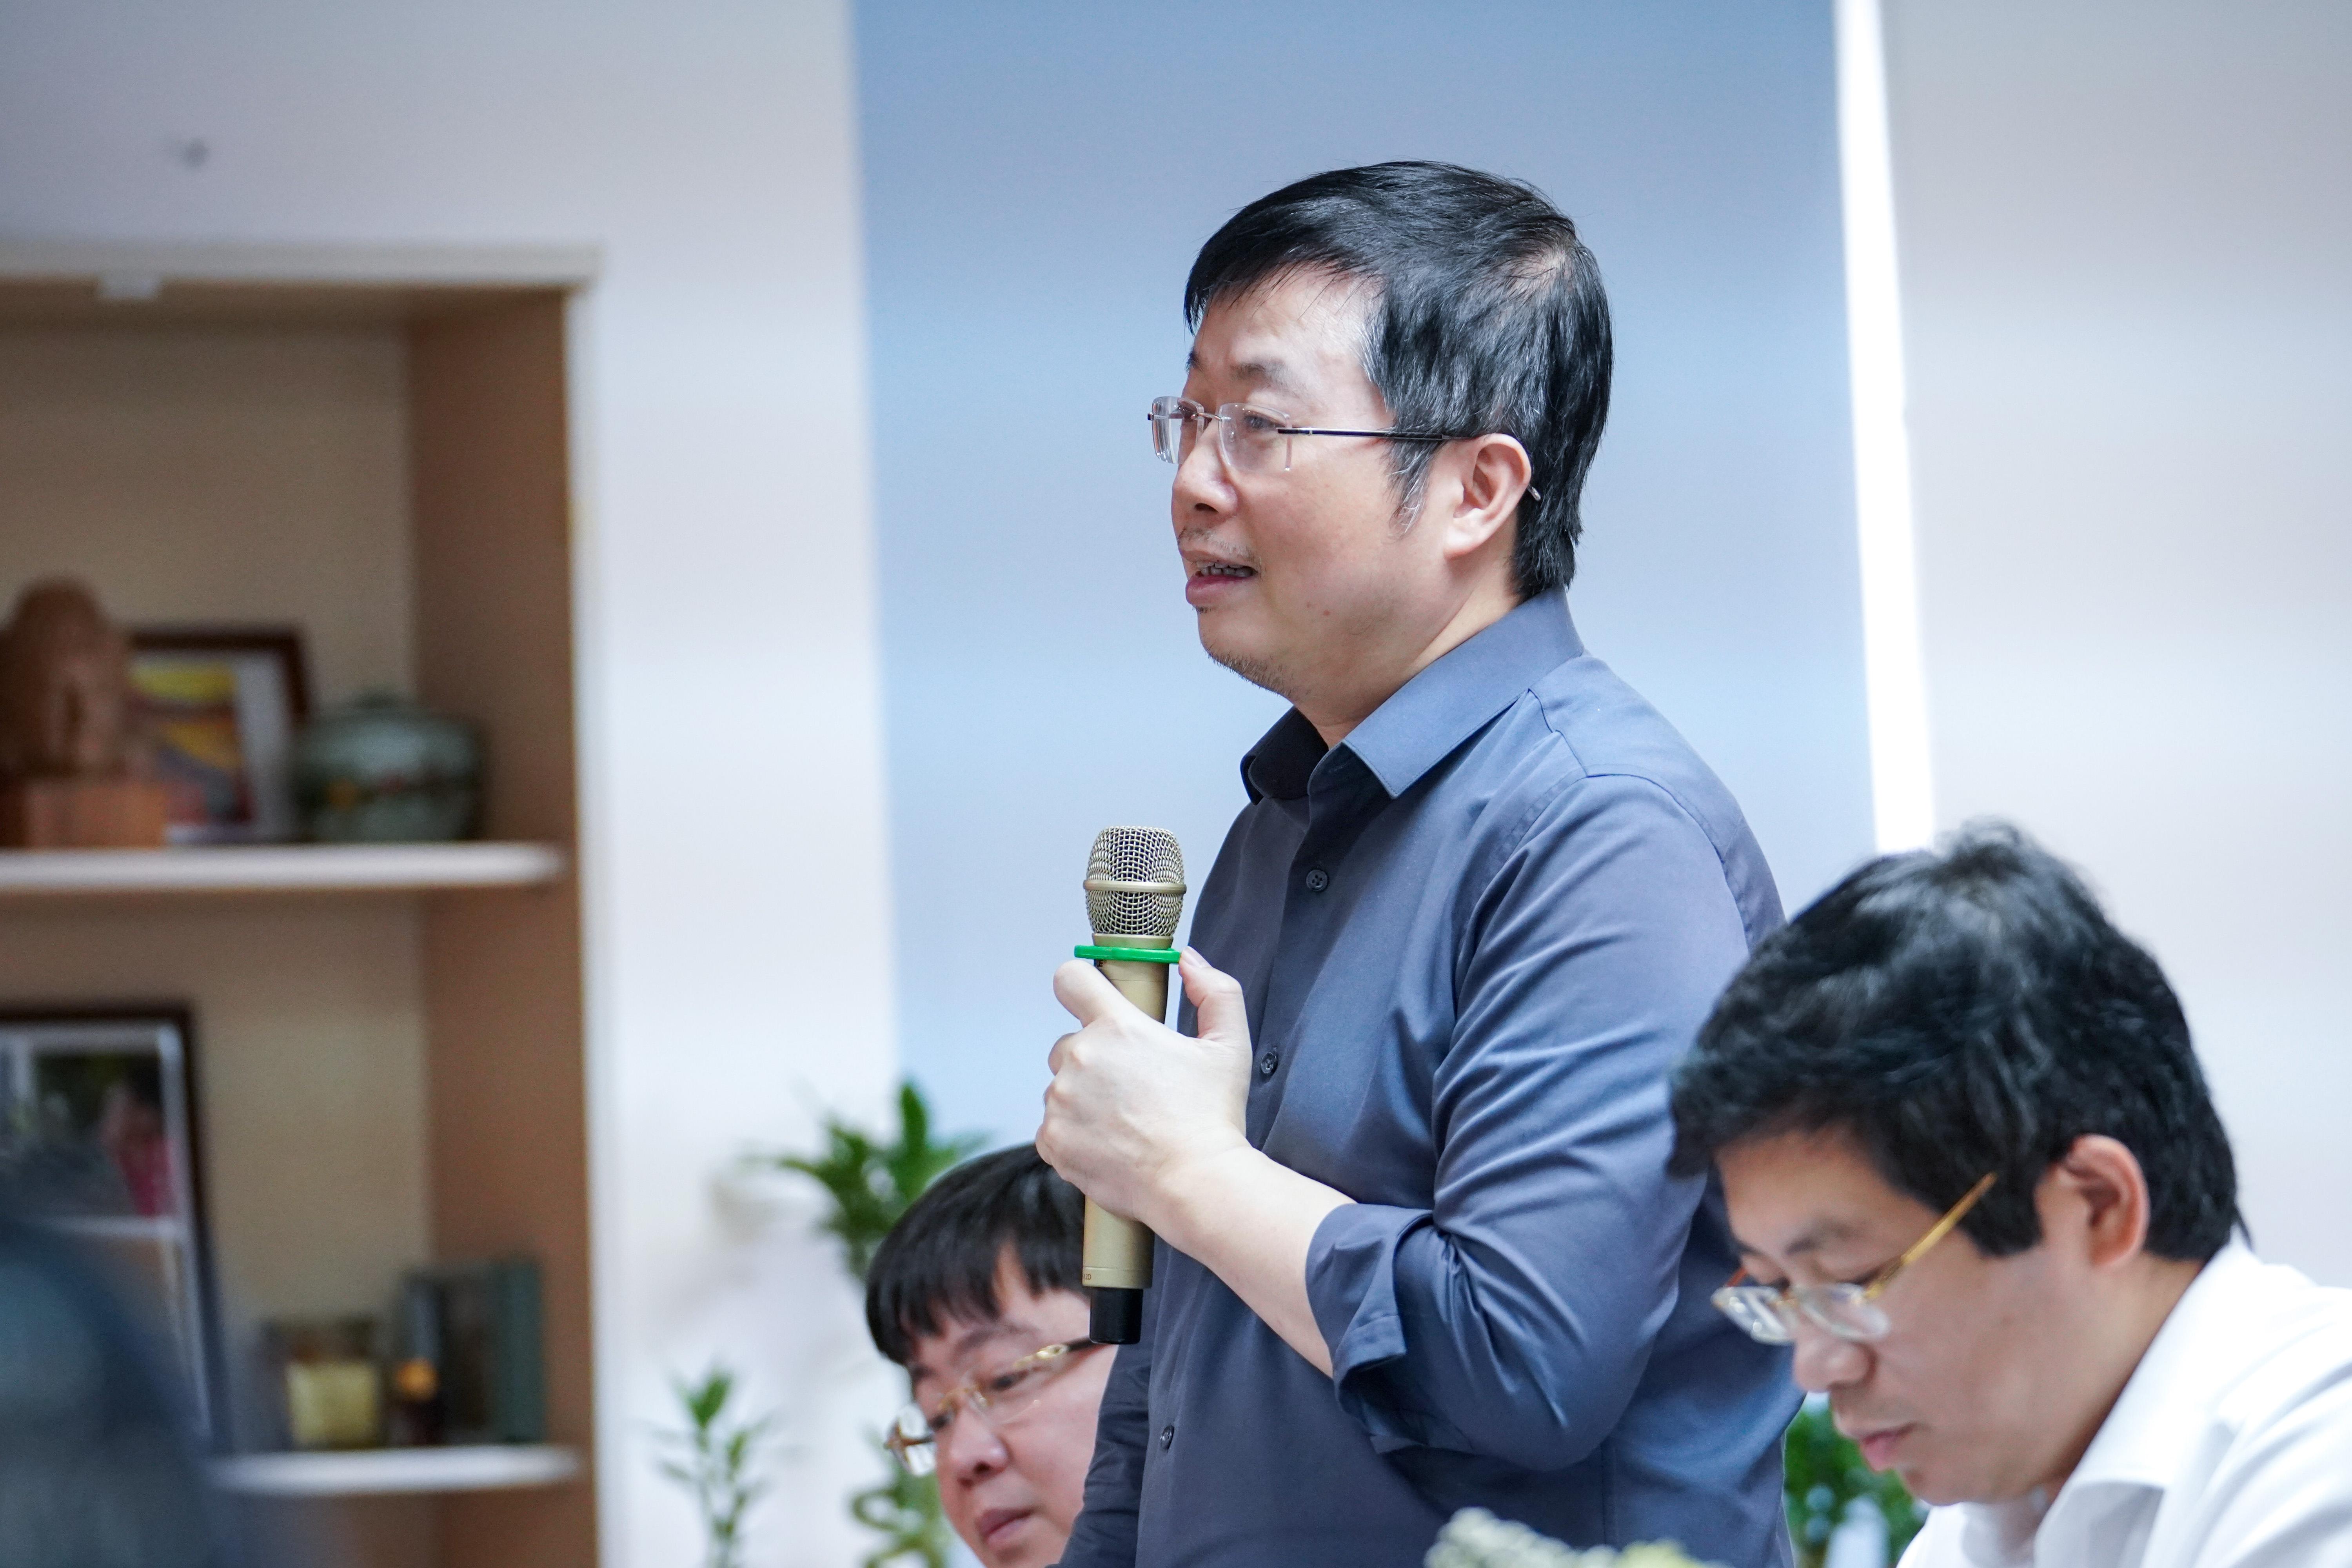 Đồng chí Nguyễn Thanh Lâm, Cục trưởng Cục Báo chí, Bộ Thông tin và Truyền thông phát biểu tại buổi làm việc.